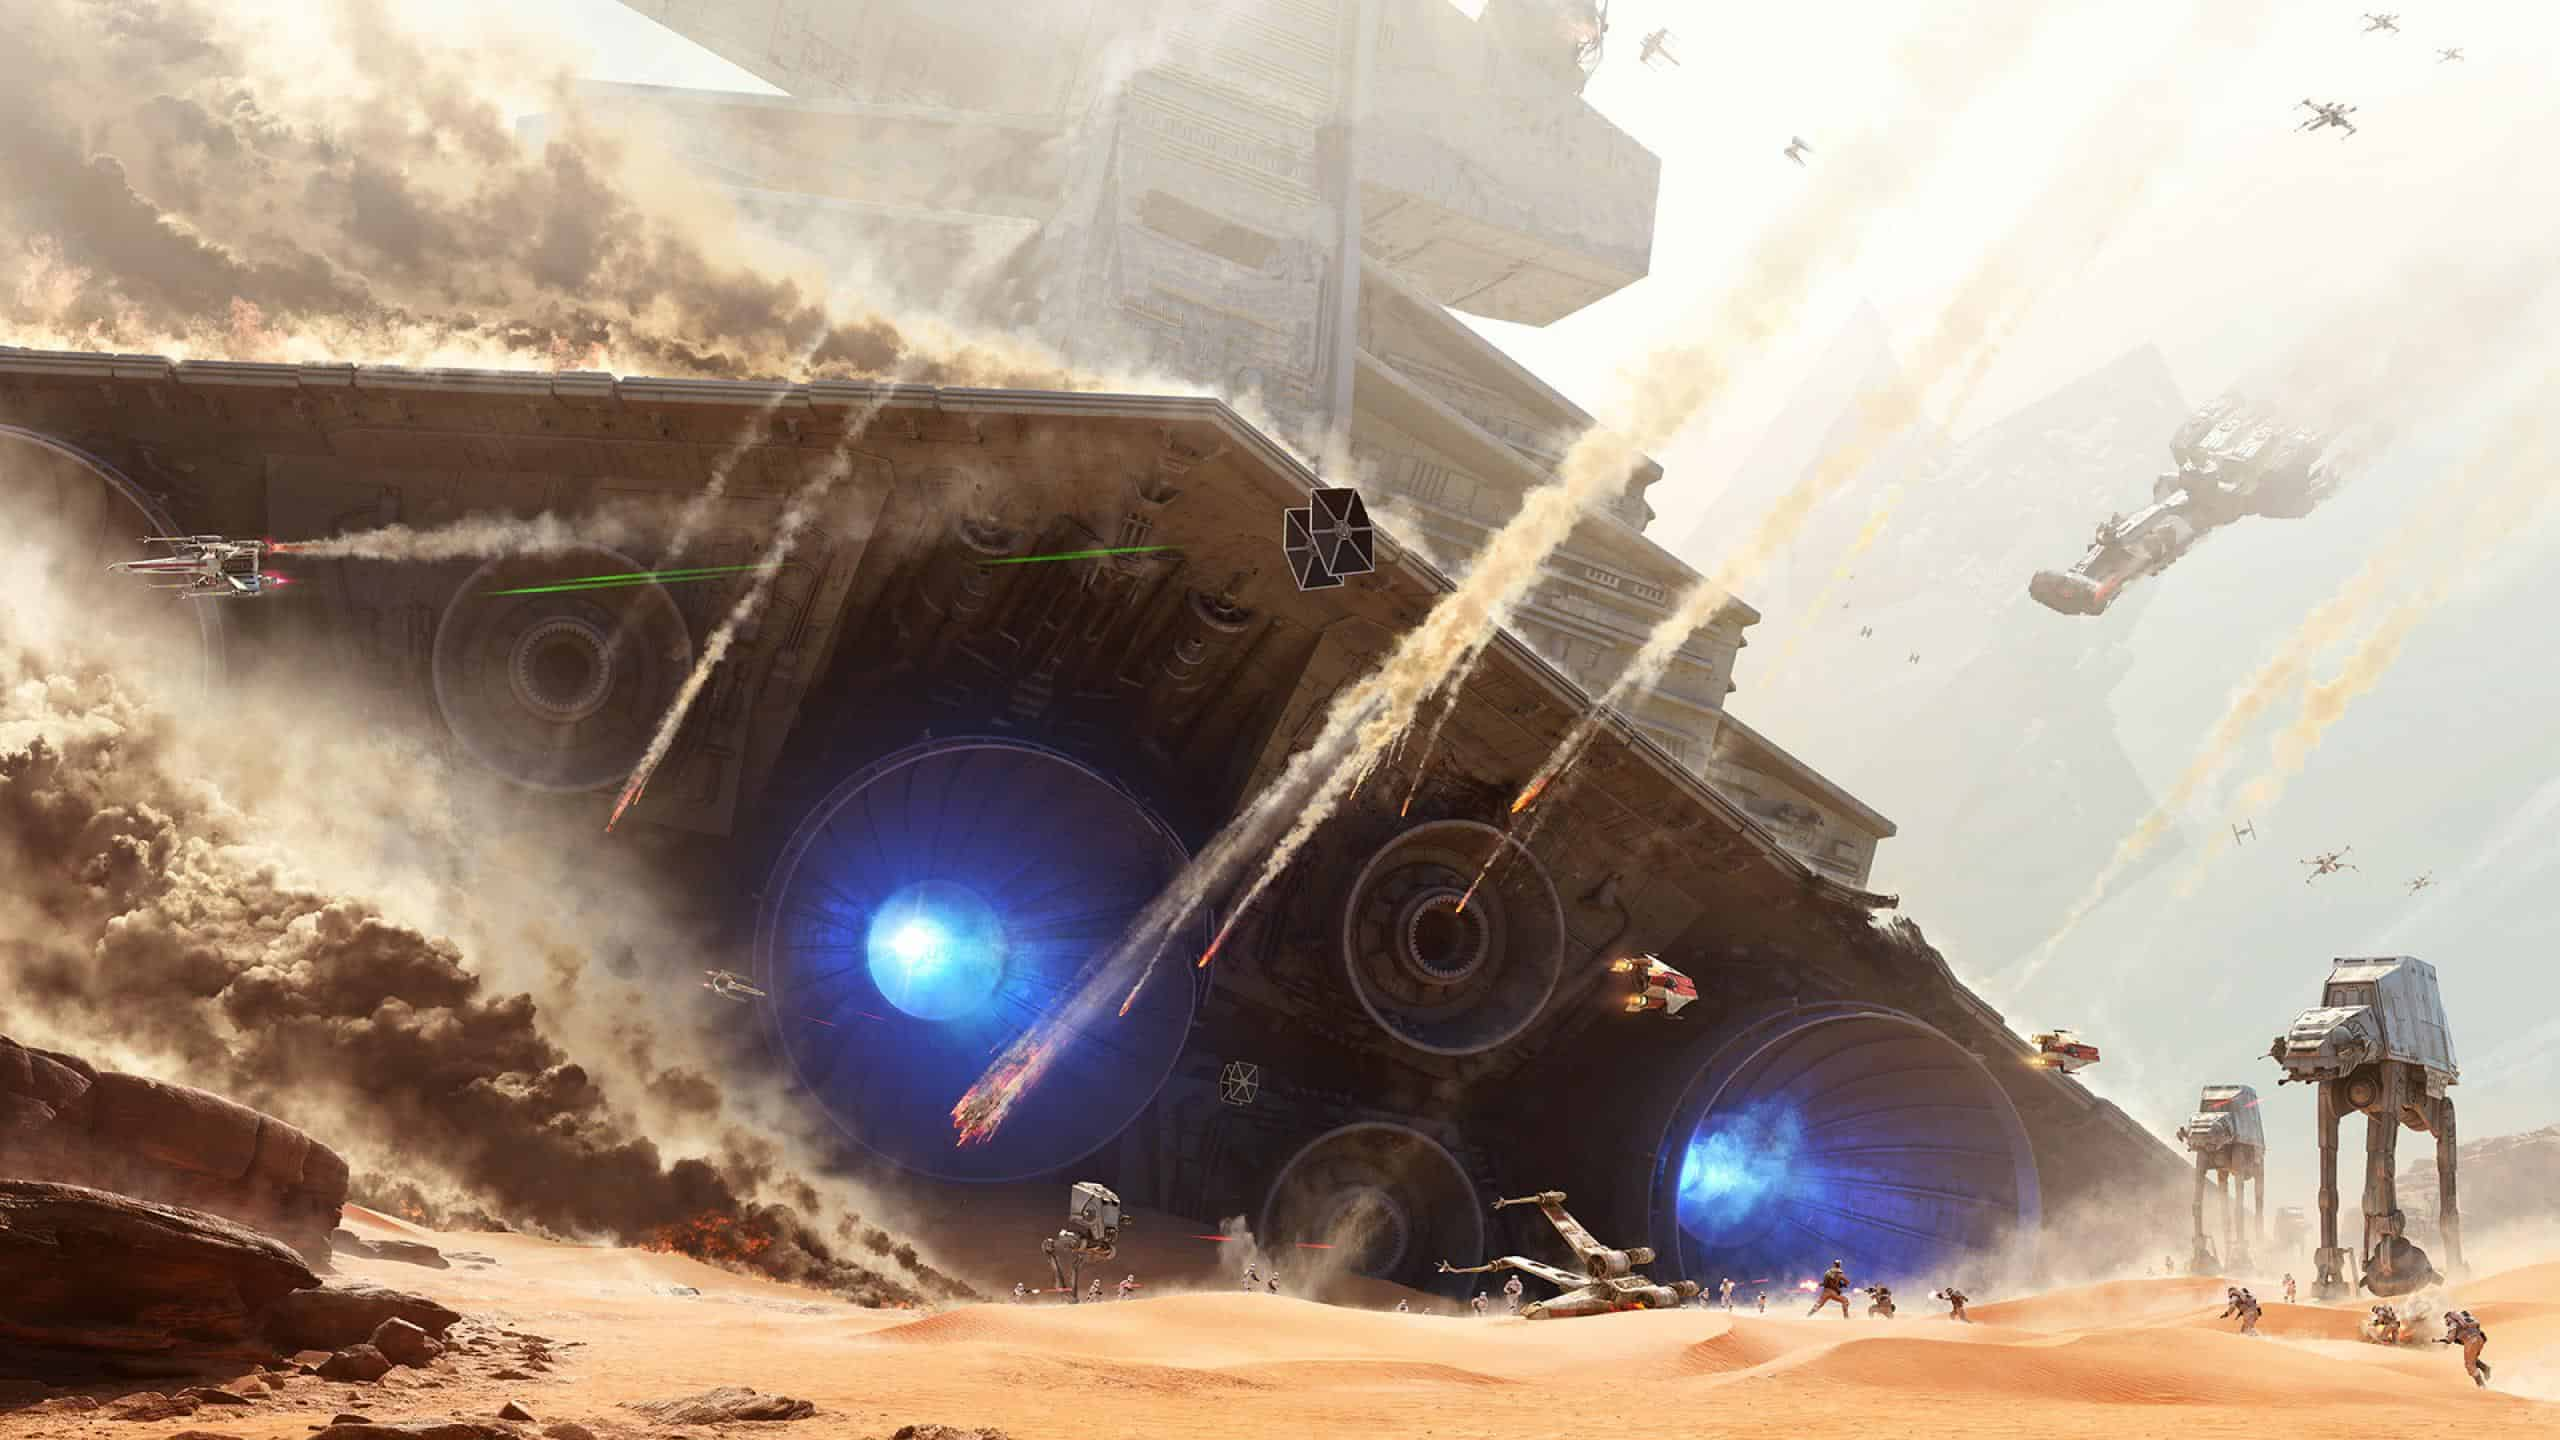 Star Wars Battlefront Battle Of Jakku Wqhd 1440p Wallpaper Pixelz